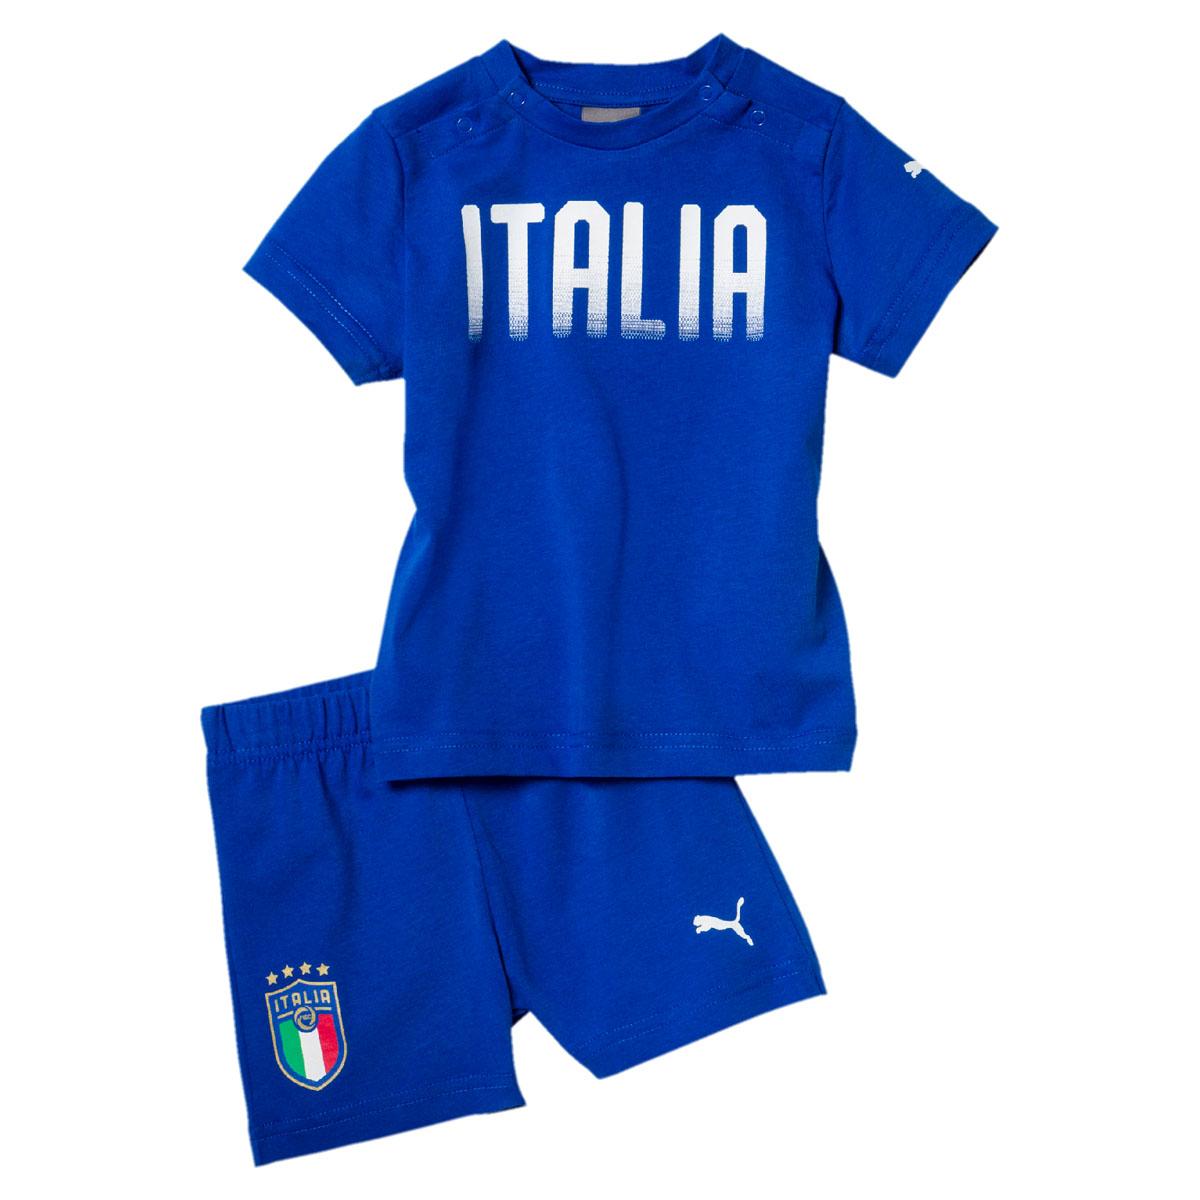 Спортивный костюм для мальчика Puma FIGC Italia Baby Set, цвет: лазурный. 75260801. Размер 104